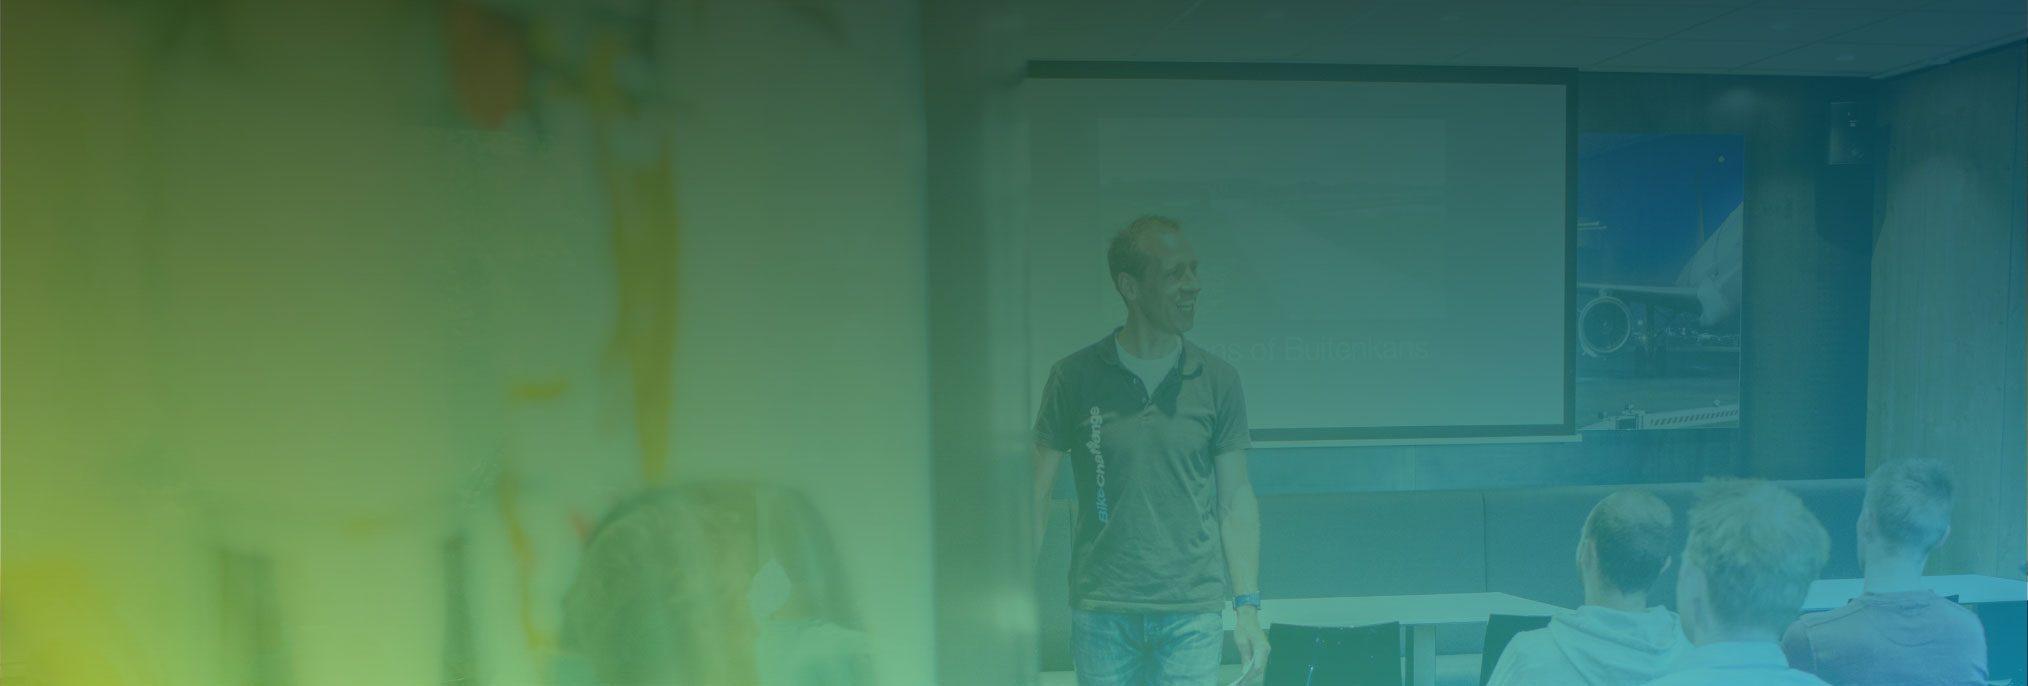 Hero image - Viro academy header